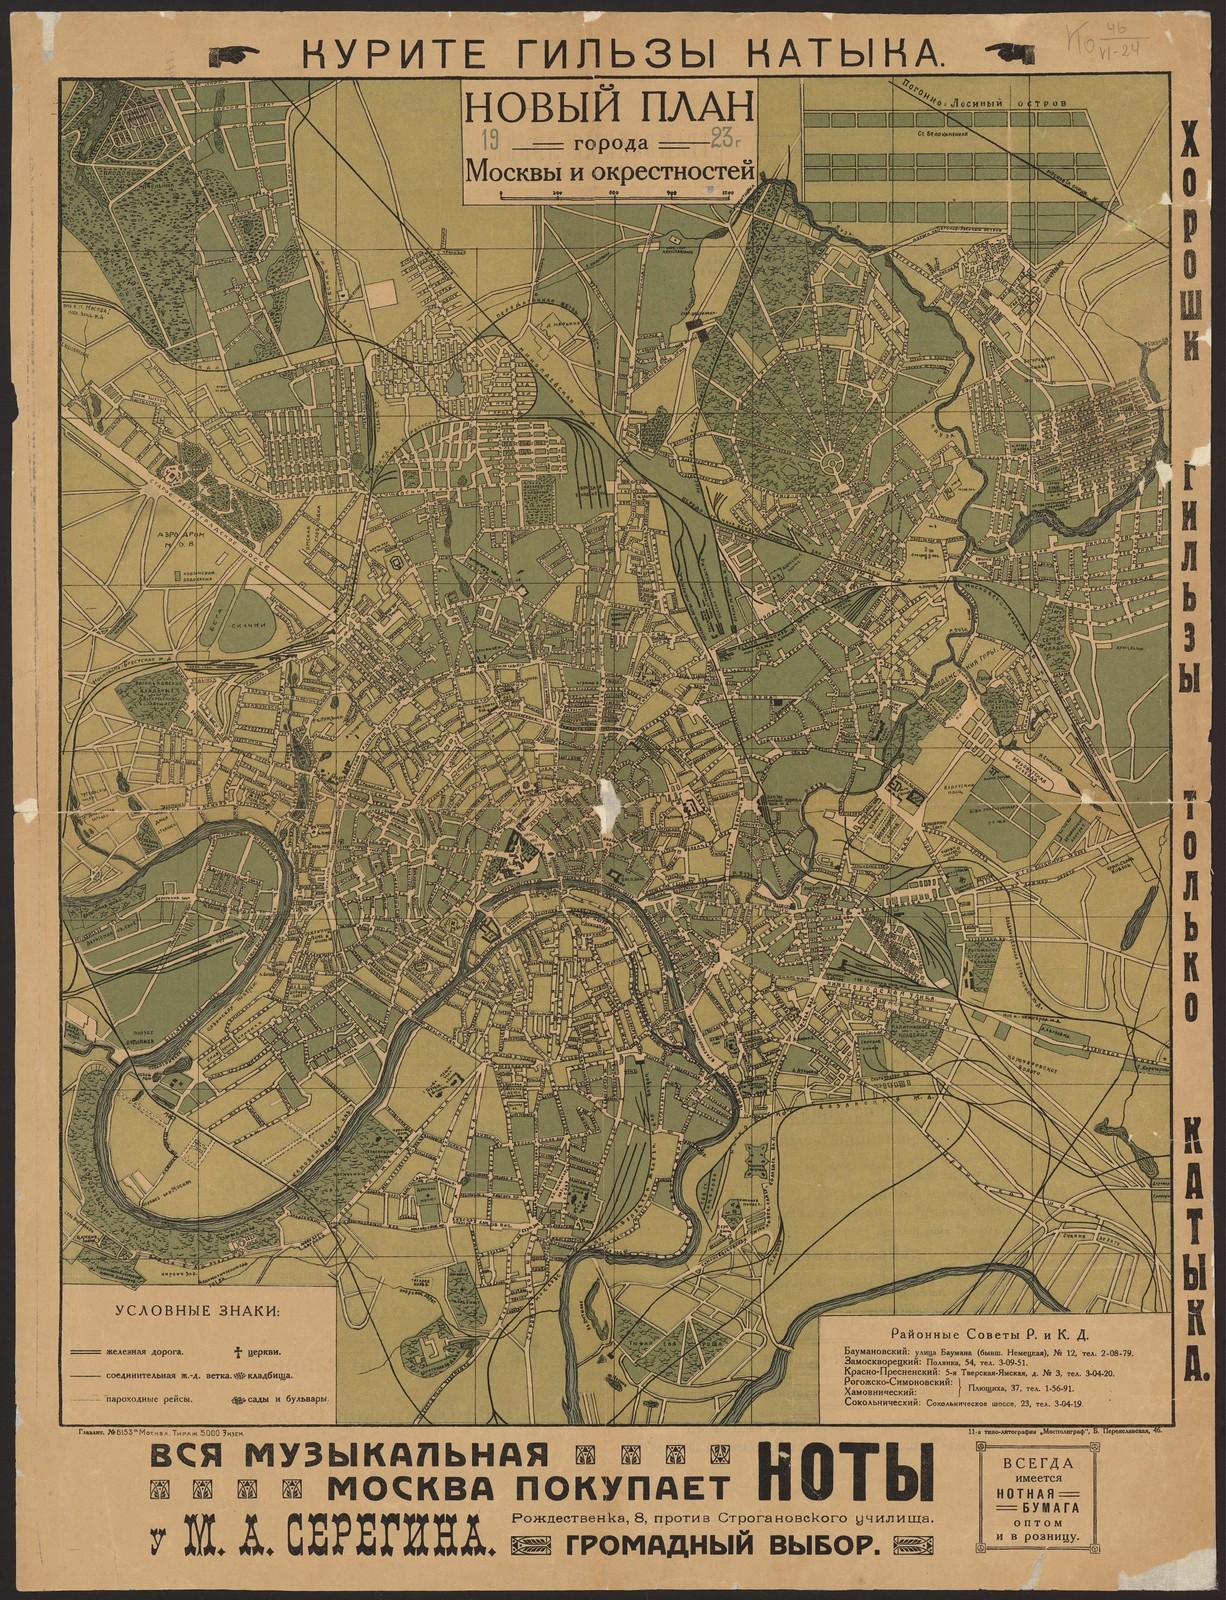 1923. Новый план города Москвы и окрестностей